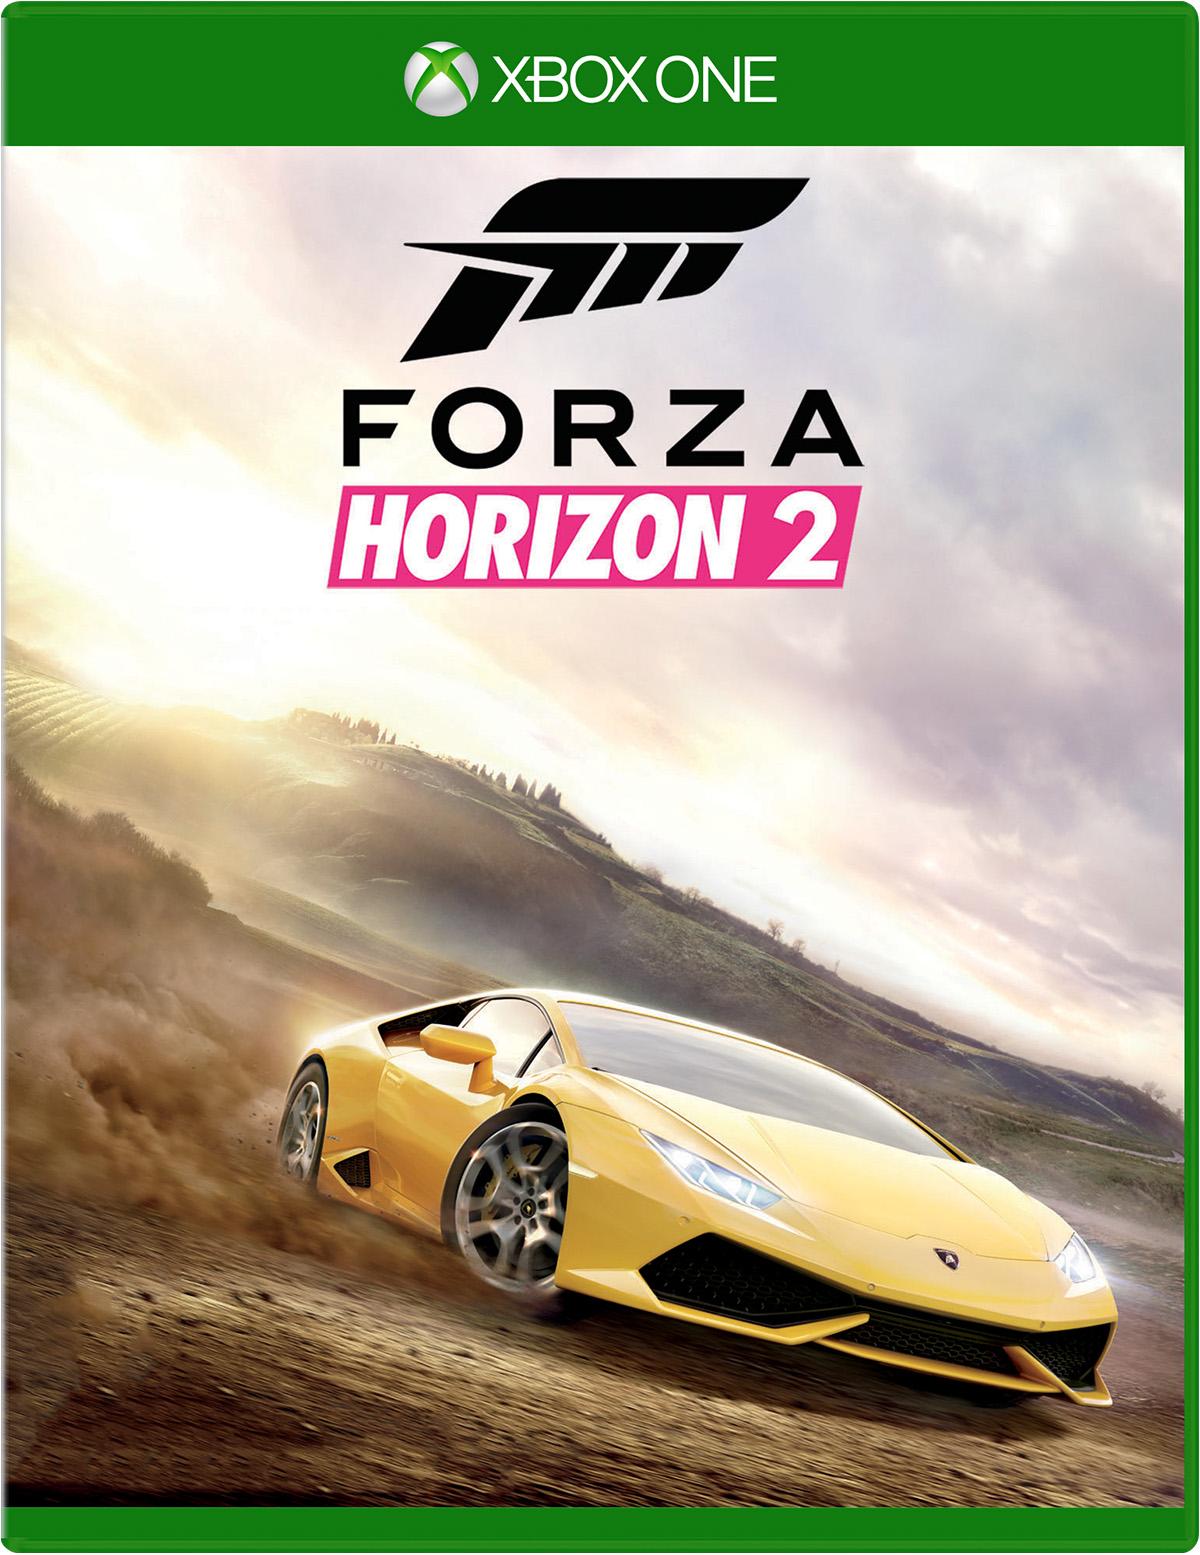 Forza Horizon 2 for Xbox One